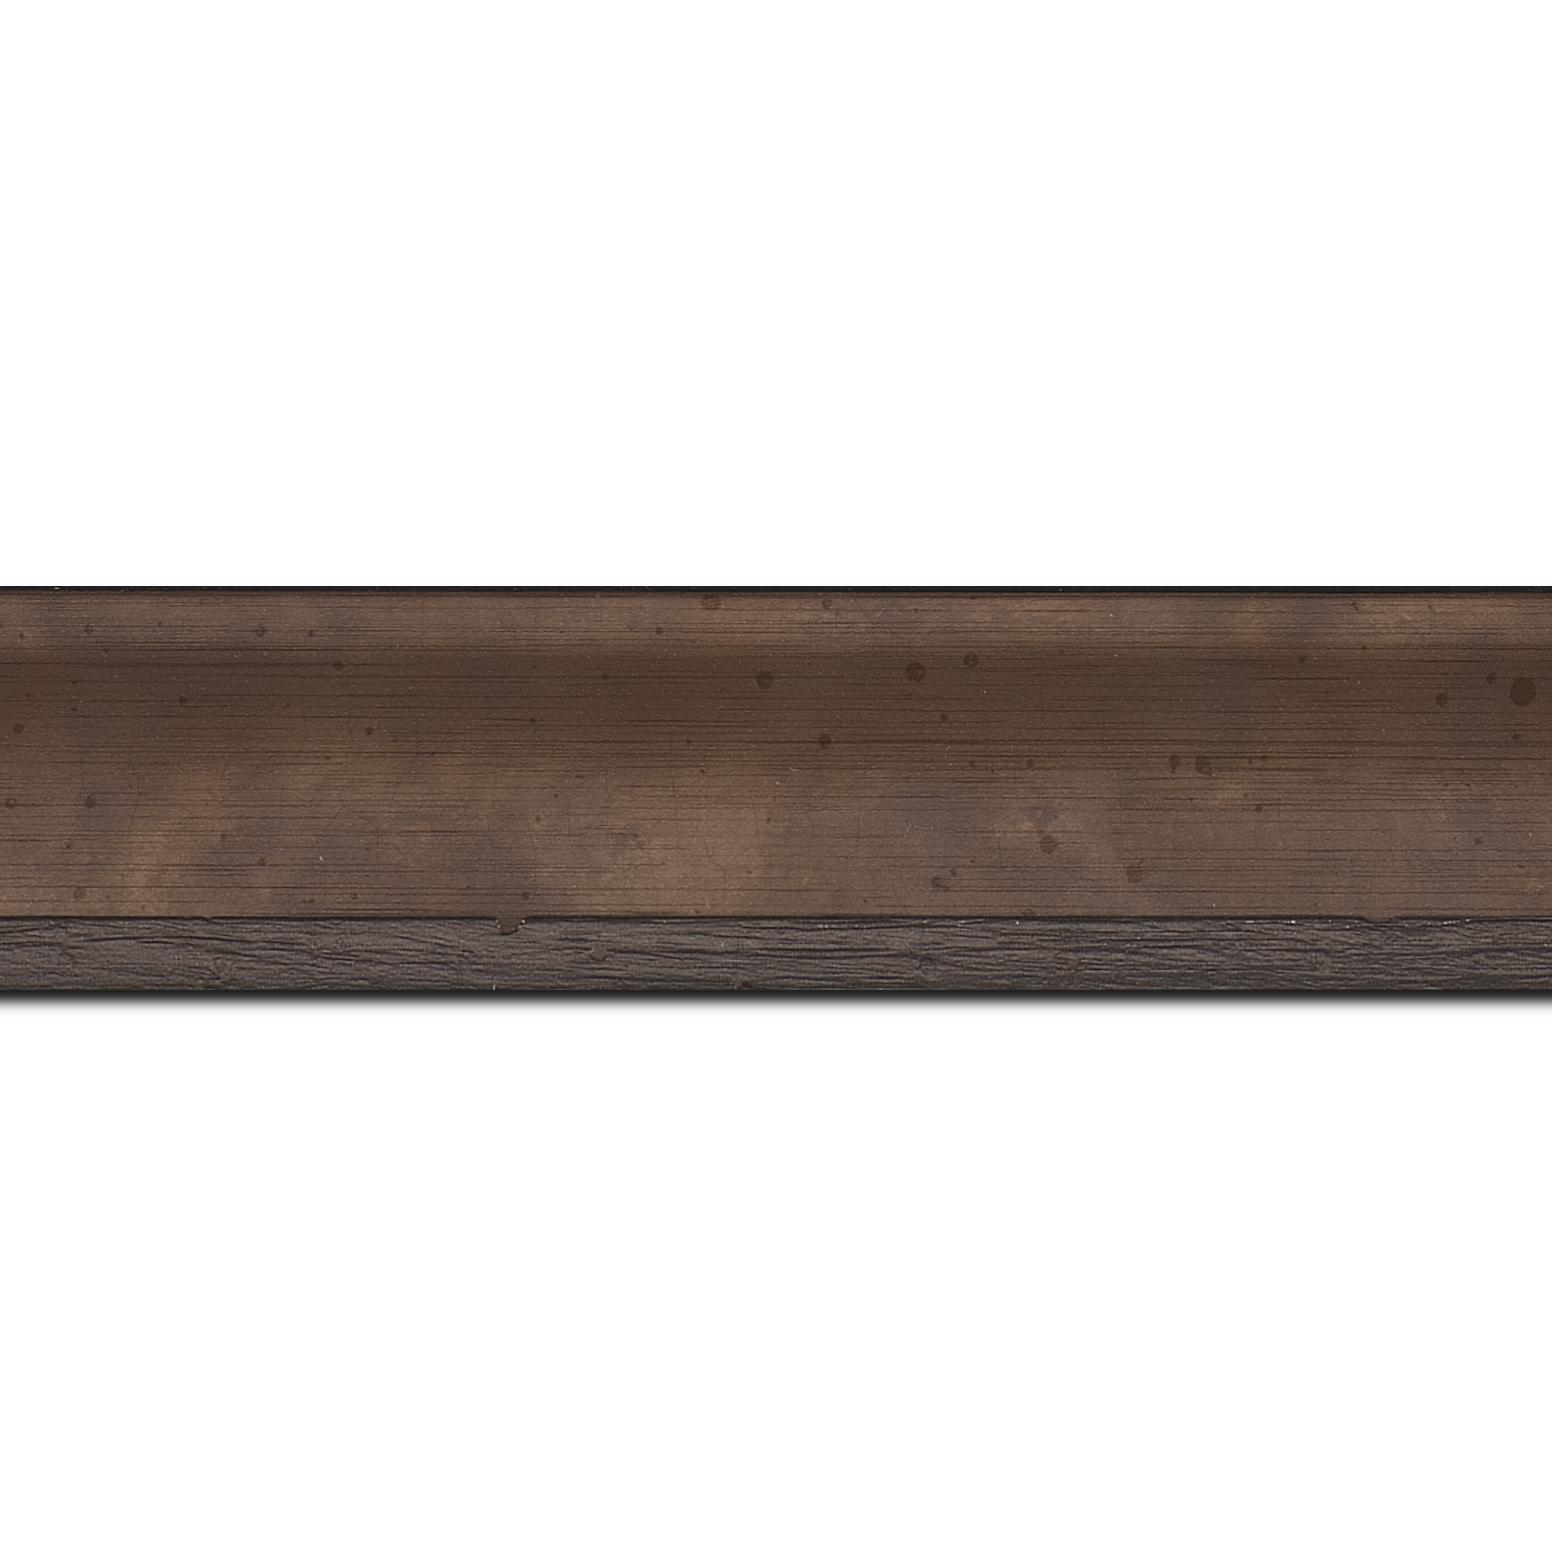 Pack par 12m, bois profil incurvé largeur 3.9cm bronze tamisé (longueur baguette pouvant varier entre 2.40m et 3m selon arrivage des bois)